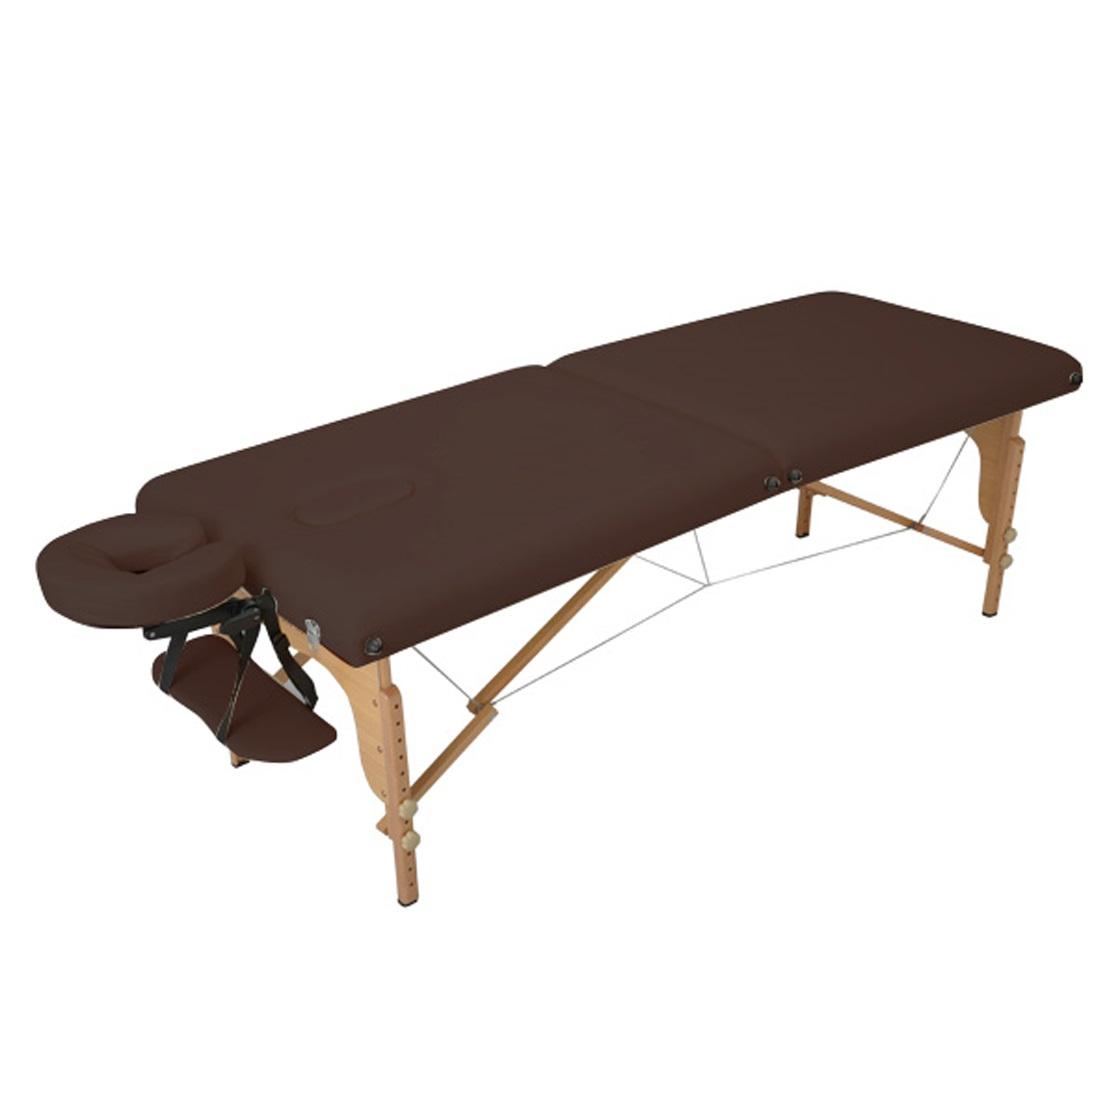 세븐뷰티 접이식 마사지 침대, 접이식마사지침대V-004_다크브라운